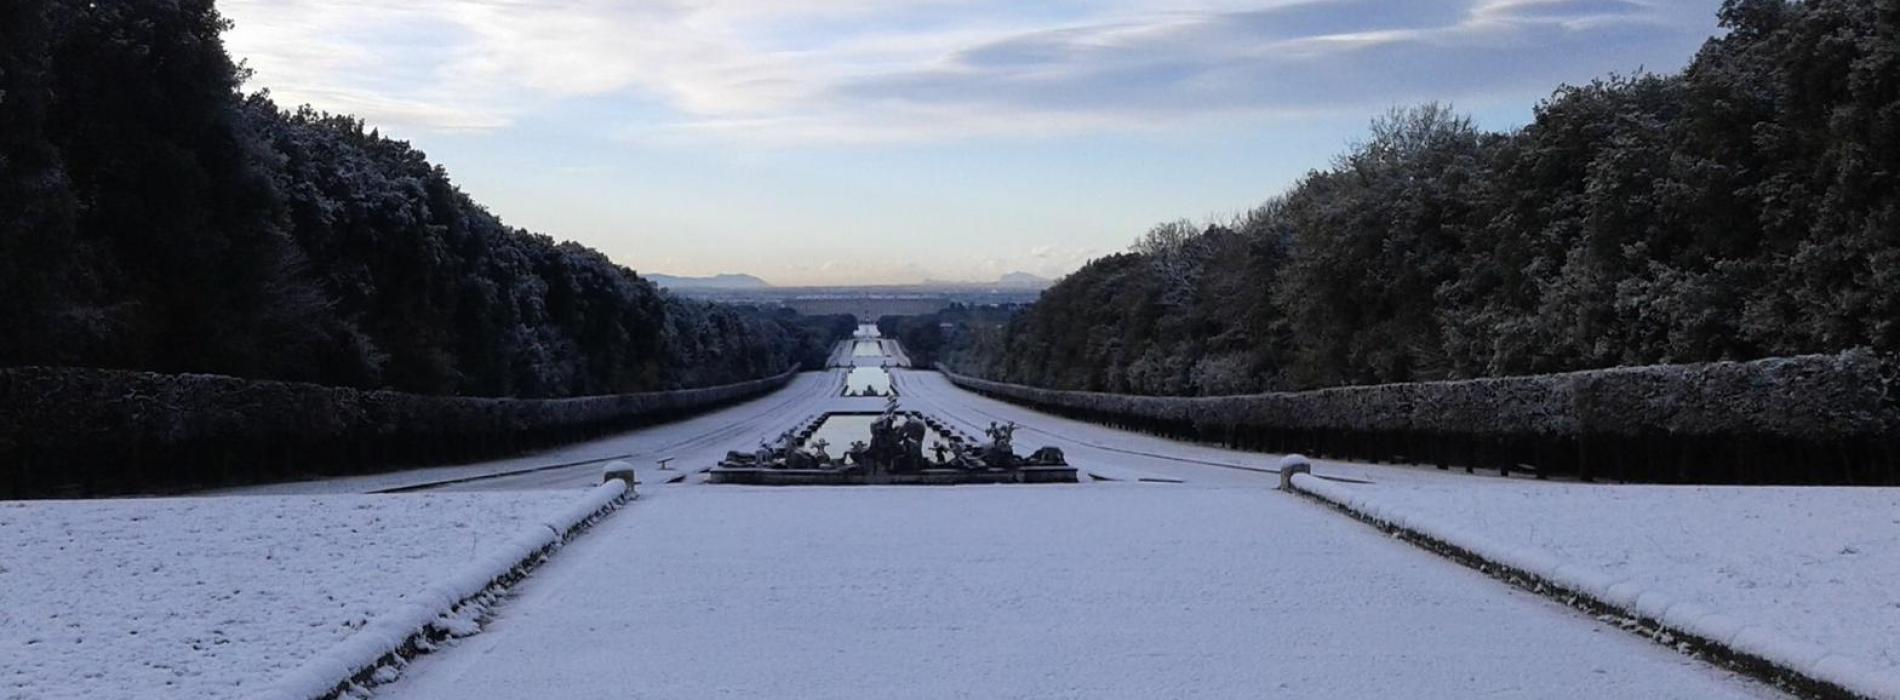 Terra dei fiocchi. Splende sotto la neve la provincia di Caserta